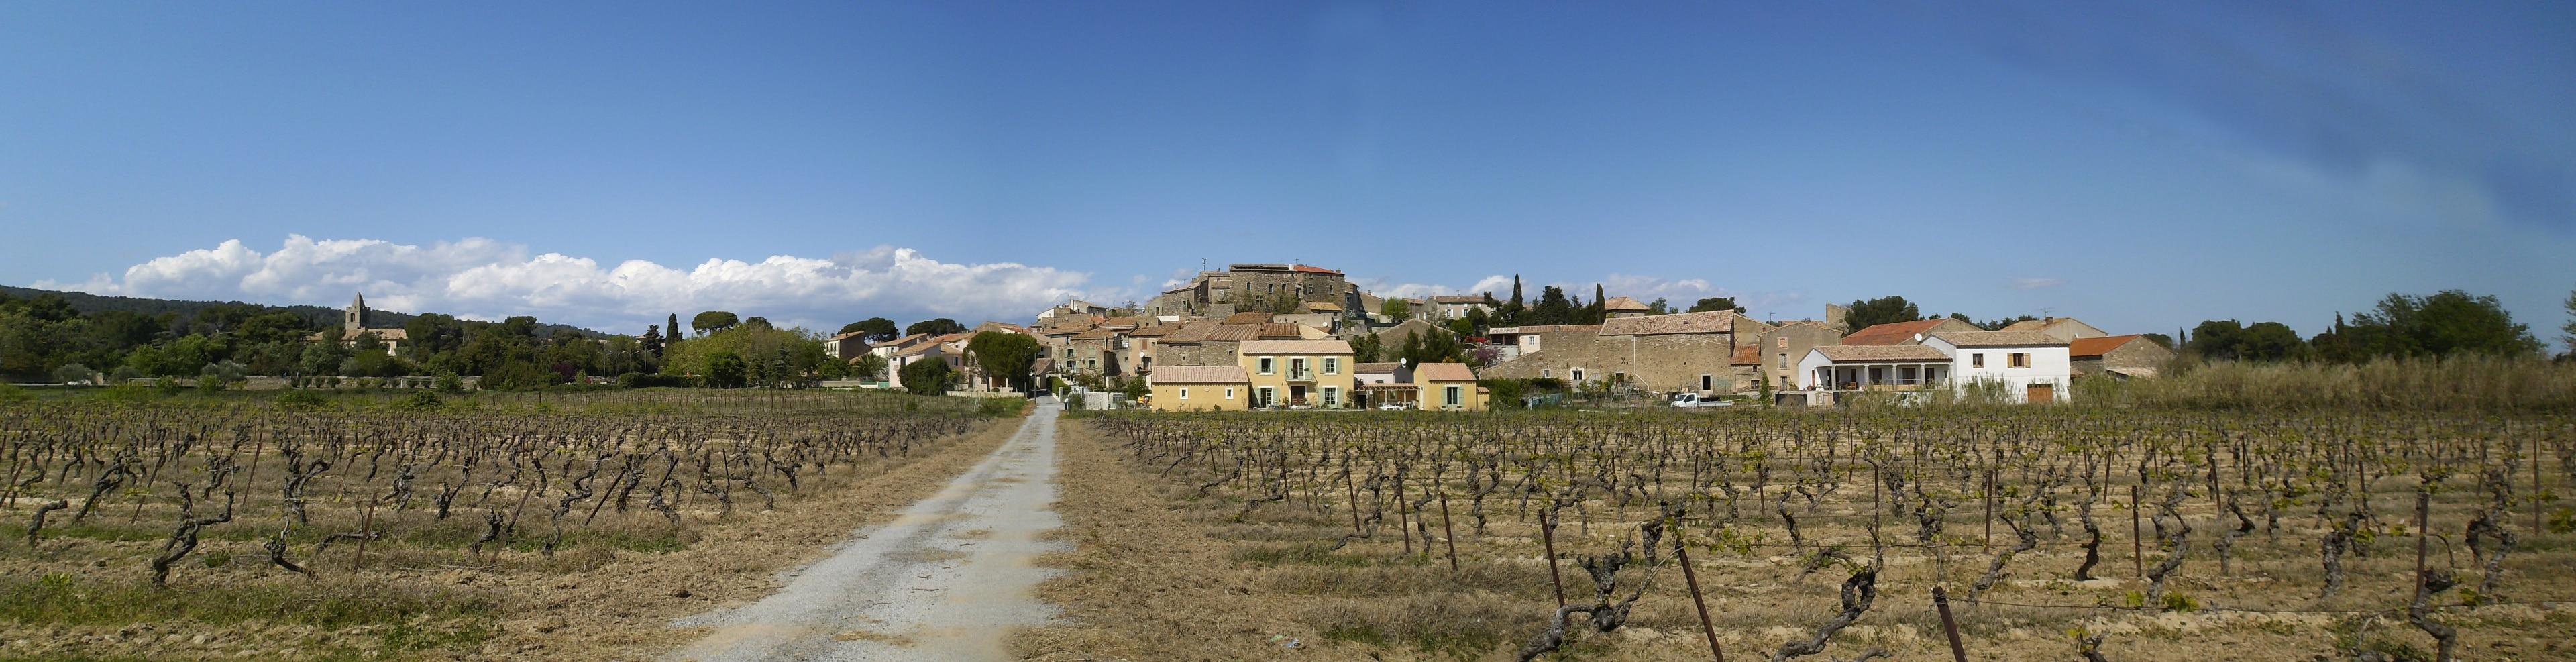 Pouzols-Minervois, Aude, France